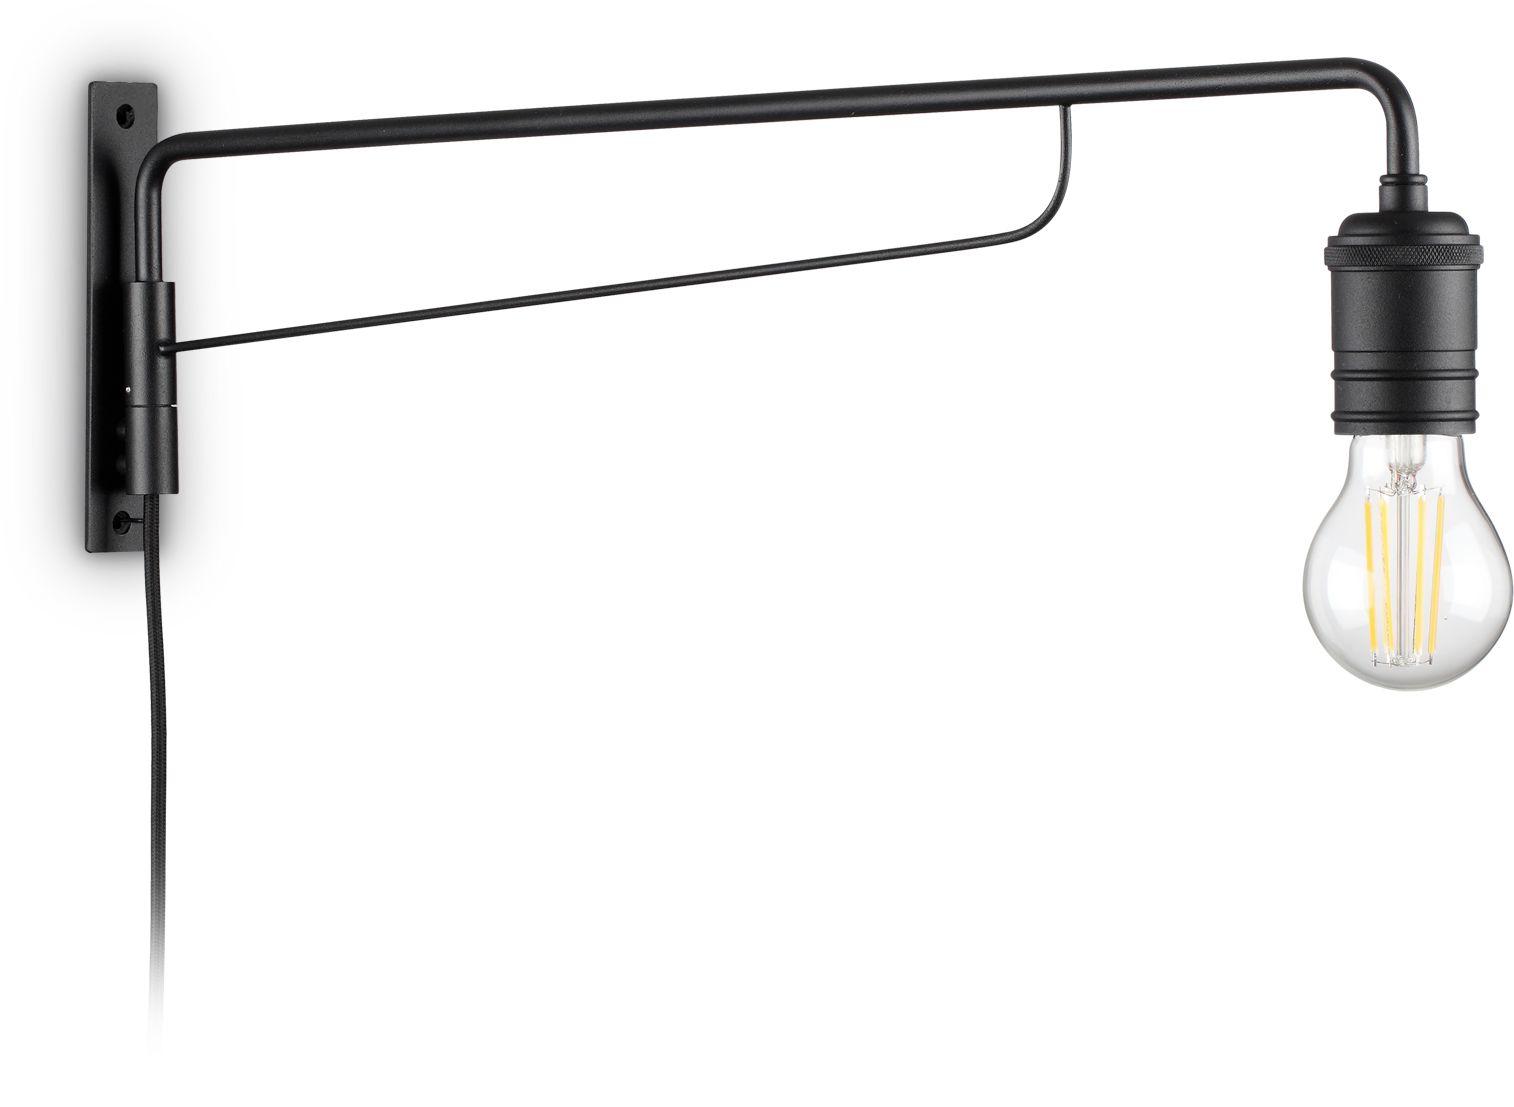 Kinkiet Triumph 242392 Ideal Lux nowoczesna lampa ścienna w kolorze czarnym